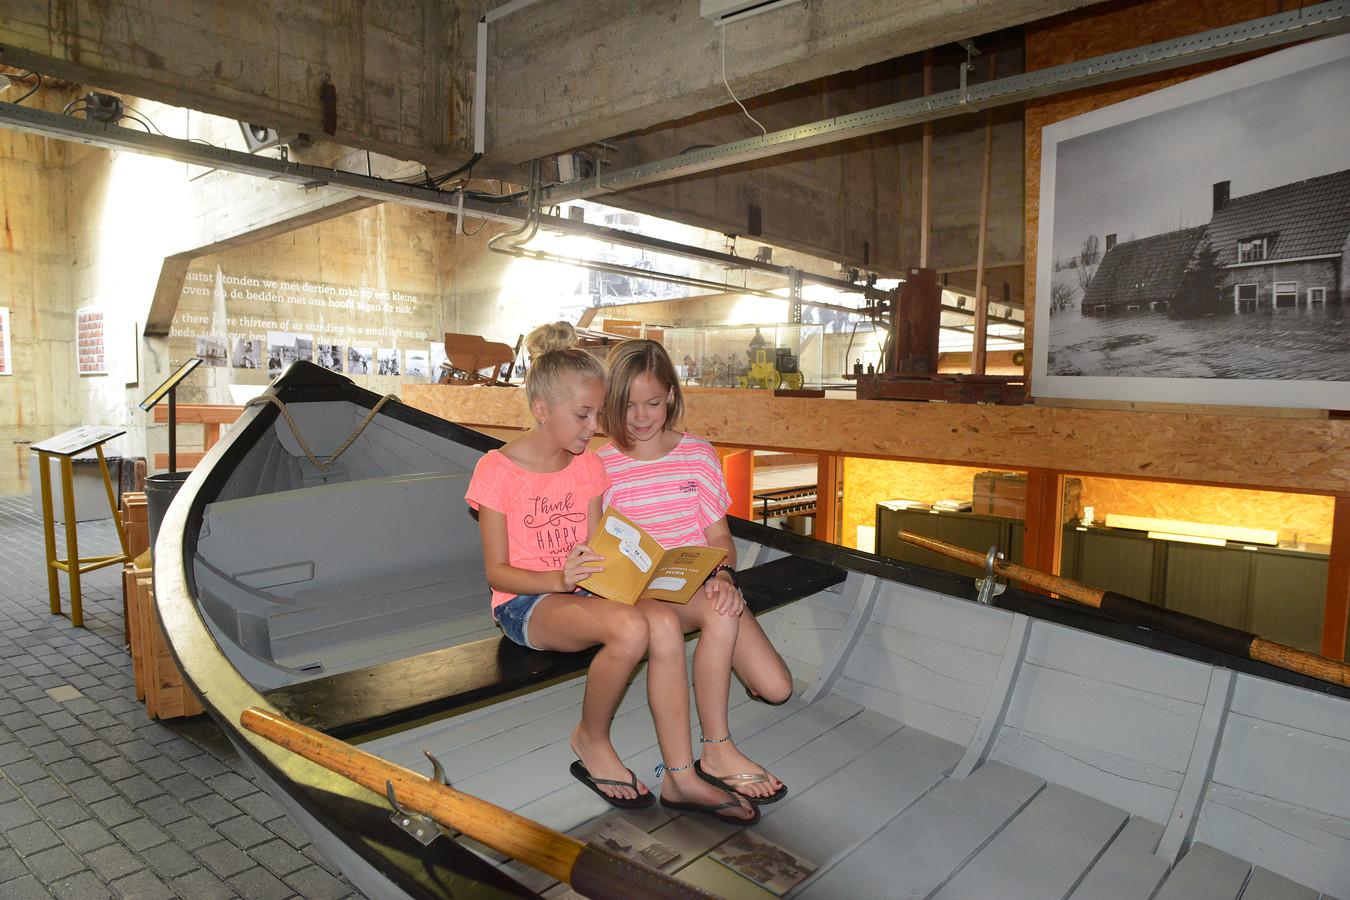 Nikki (l) heeft voorafgaand aan het bezoek bij het Watersnoodmuseum al bedacht dat De Ramp misschien een goed onderwerp voor haar spreekbeurt is. Rechts haar oudere zus Meike.